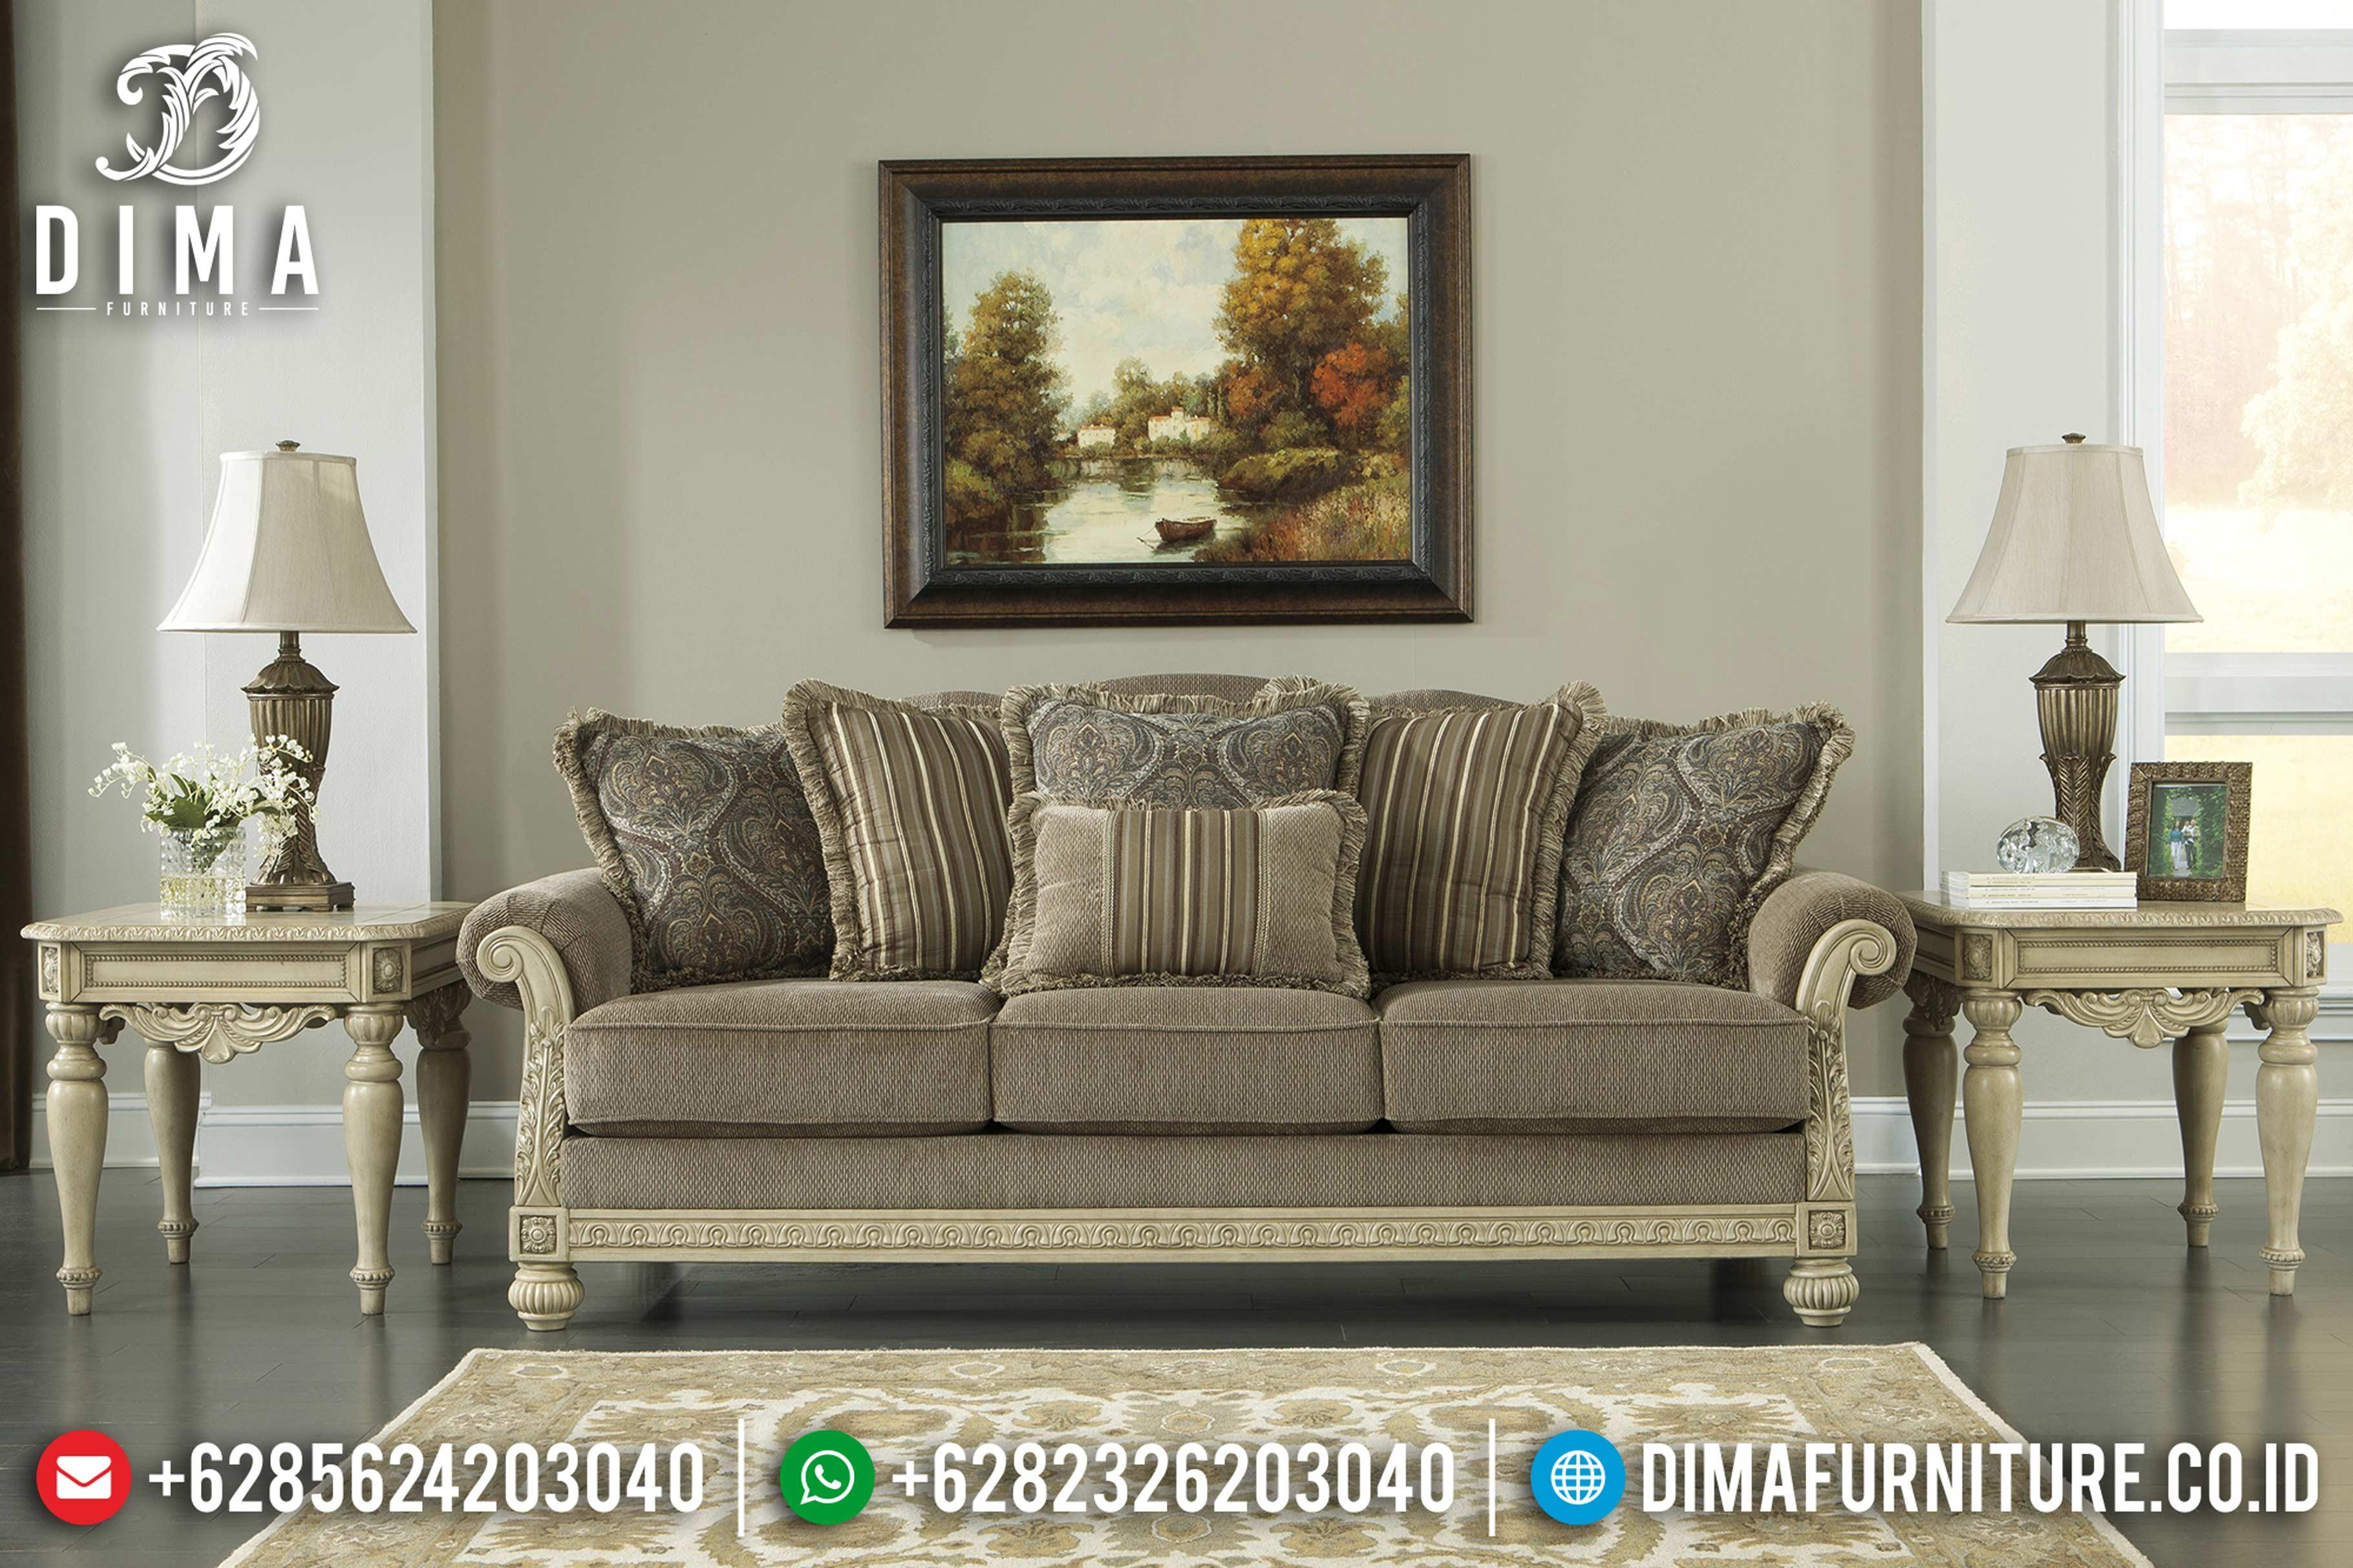 Terbaru Kursi Sofa Tamu Jepara Mewah Minimalis Harga Murah DF-0689 Gambar 1